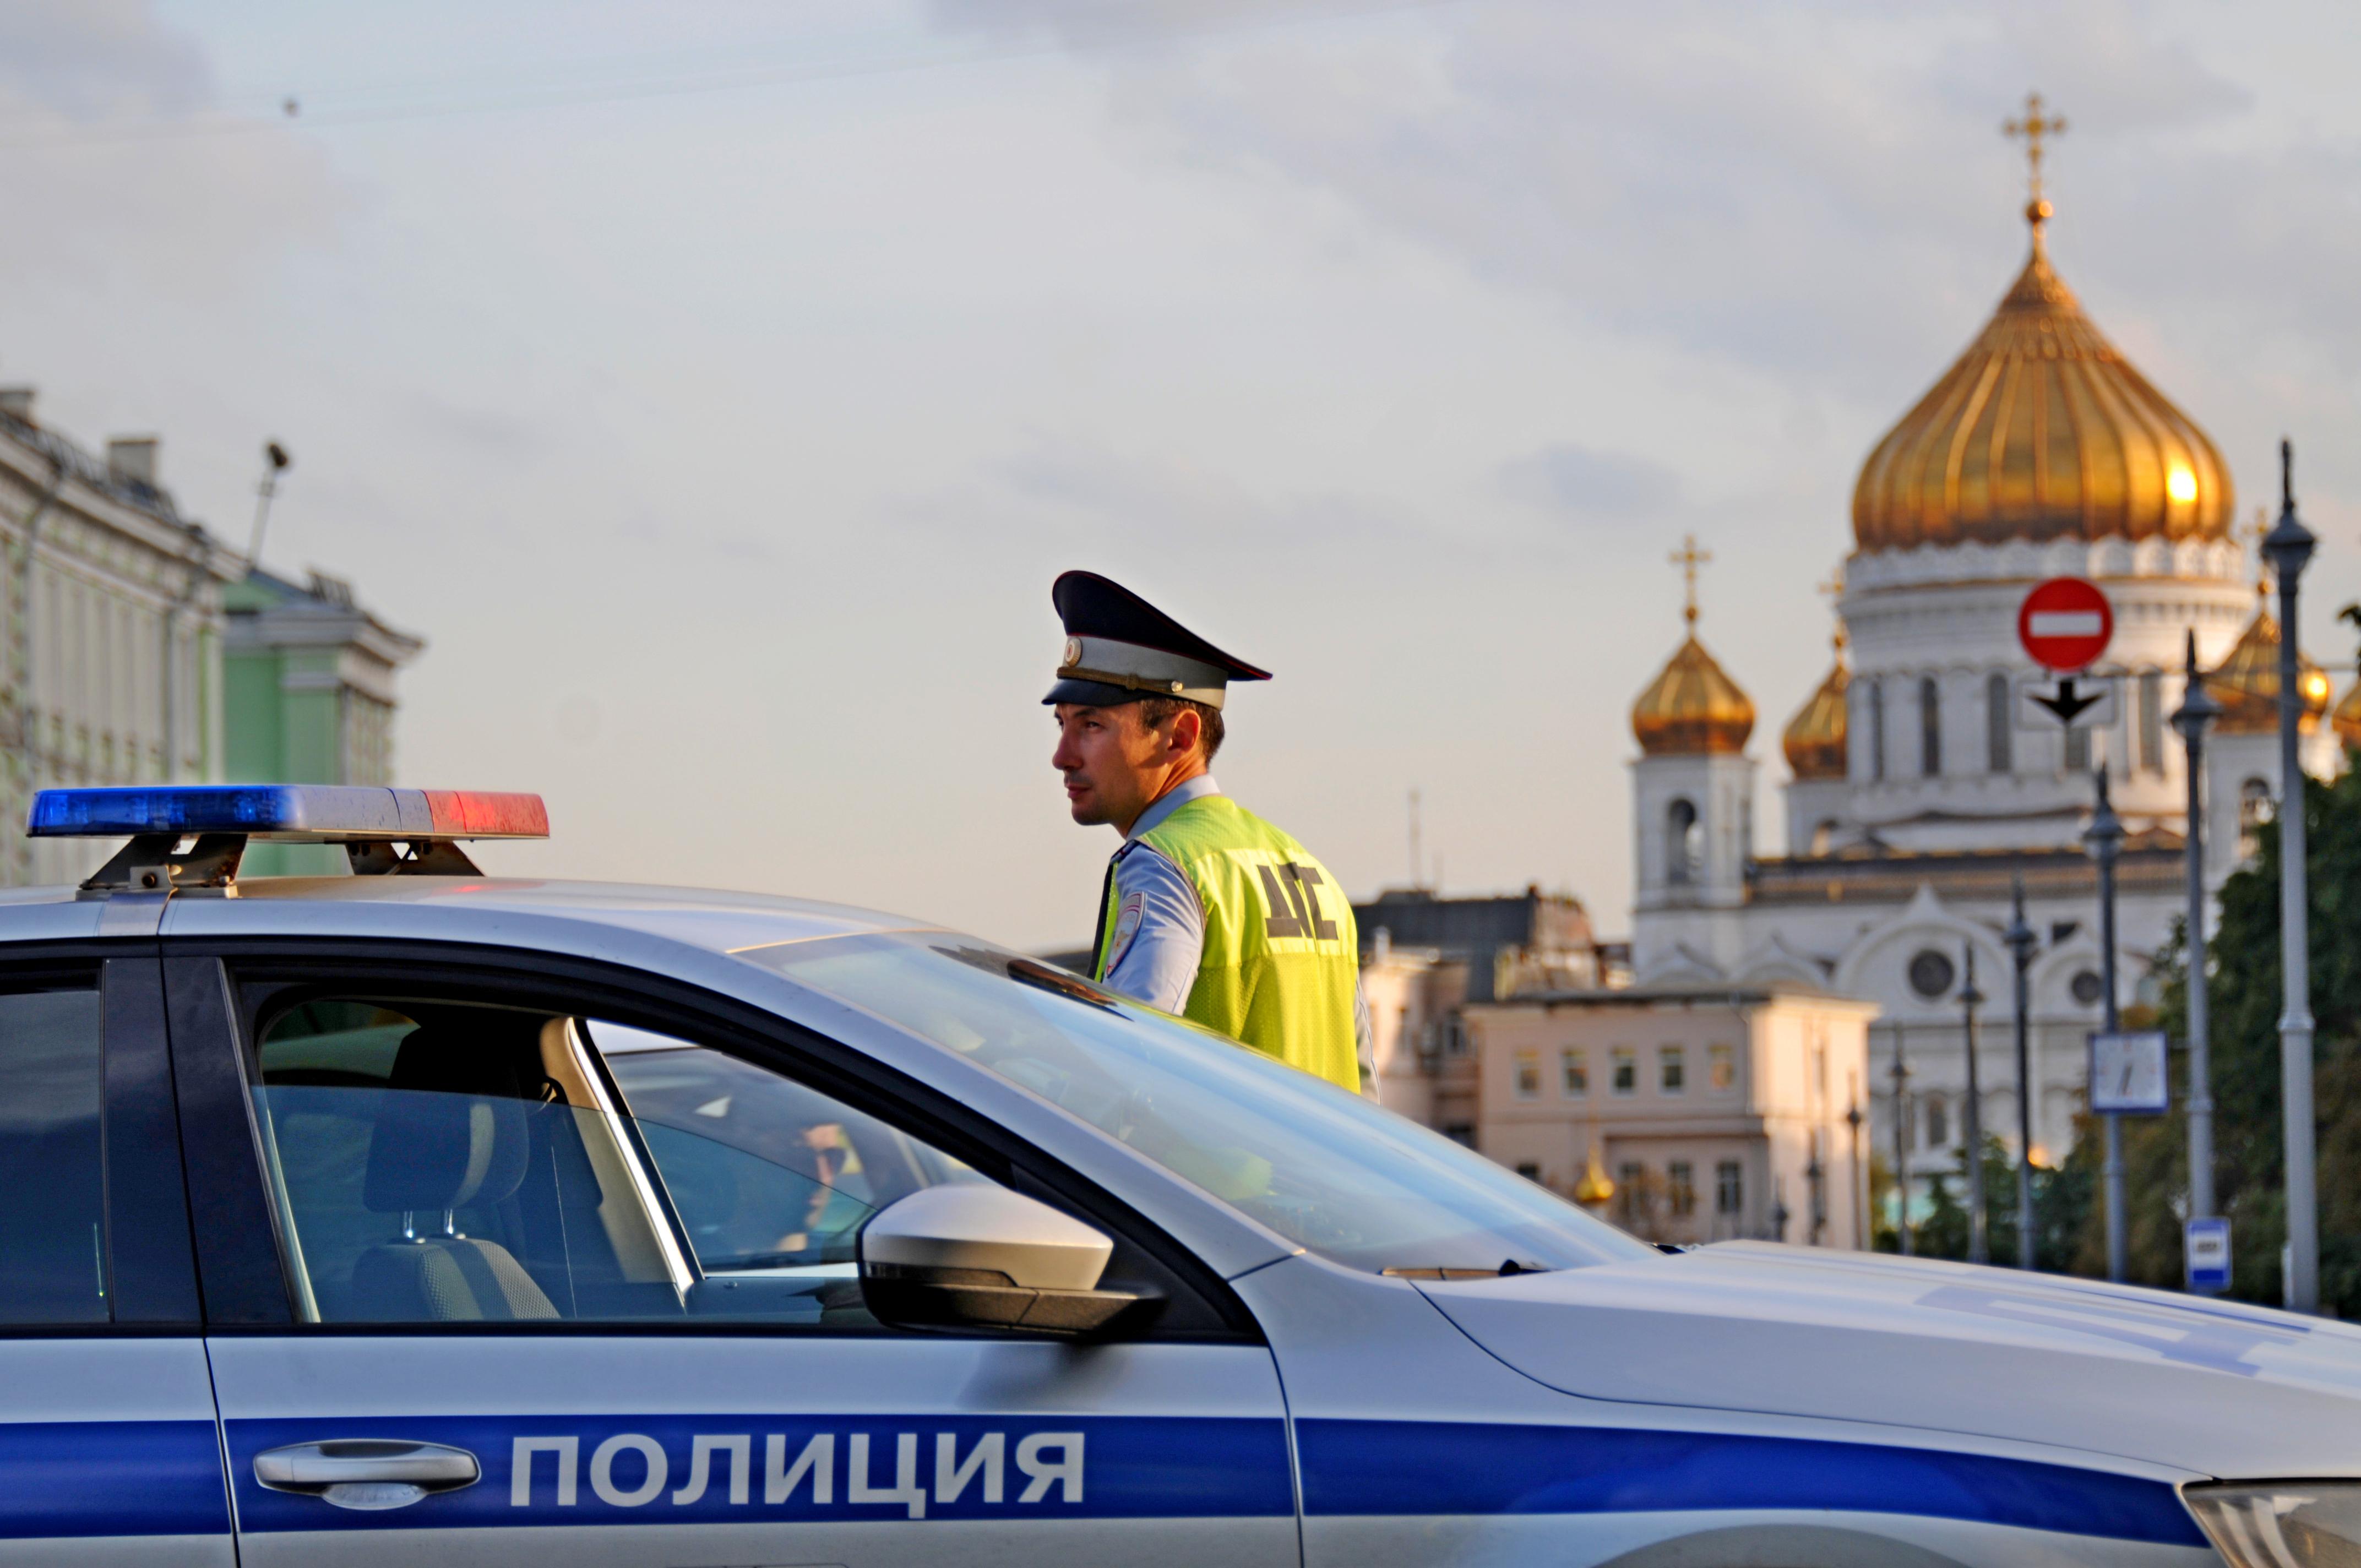 В районе Царицыно полицейские задержали подозреваемого в попытке сбыта наркотического средства